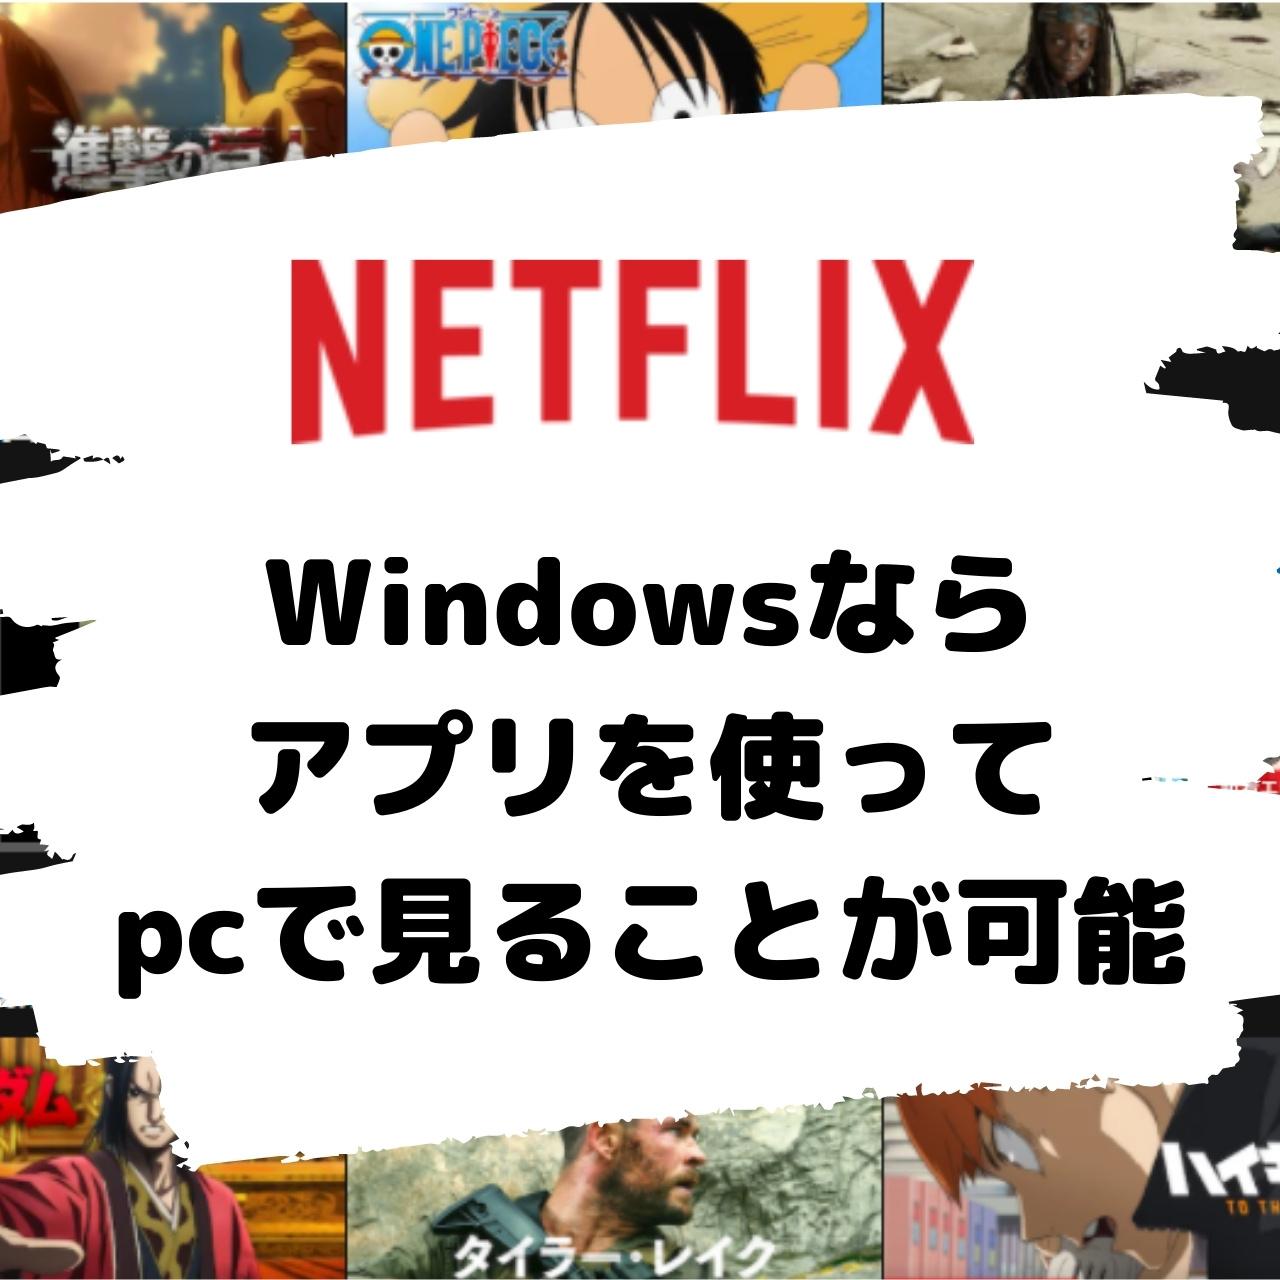 Windowsならnetflixアプリを使ってpcで見ることが可能